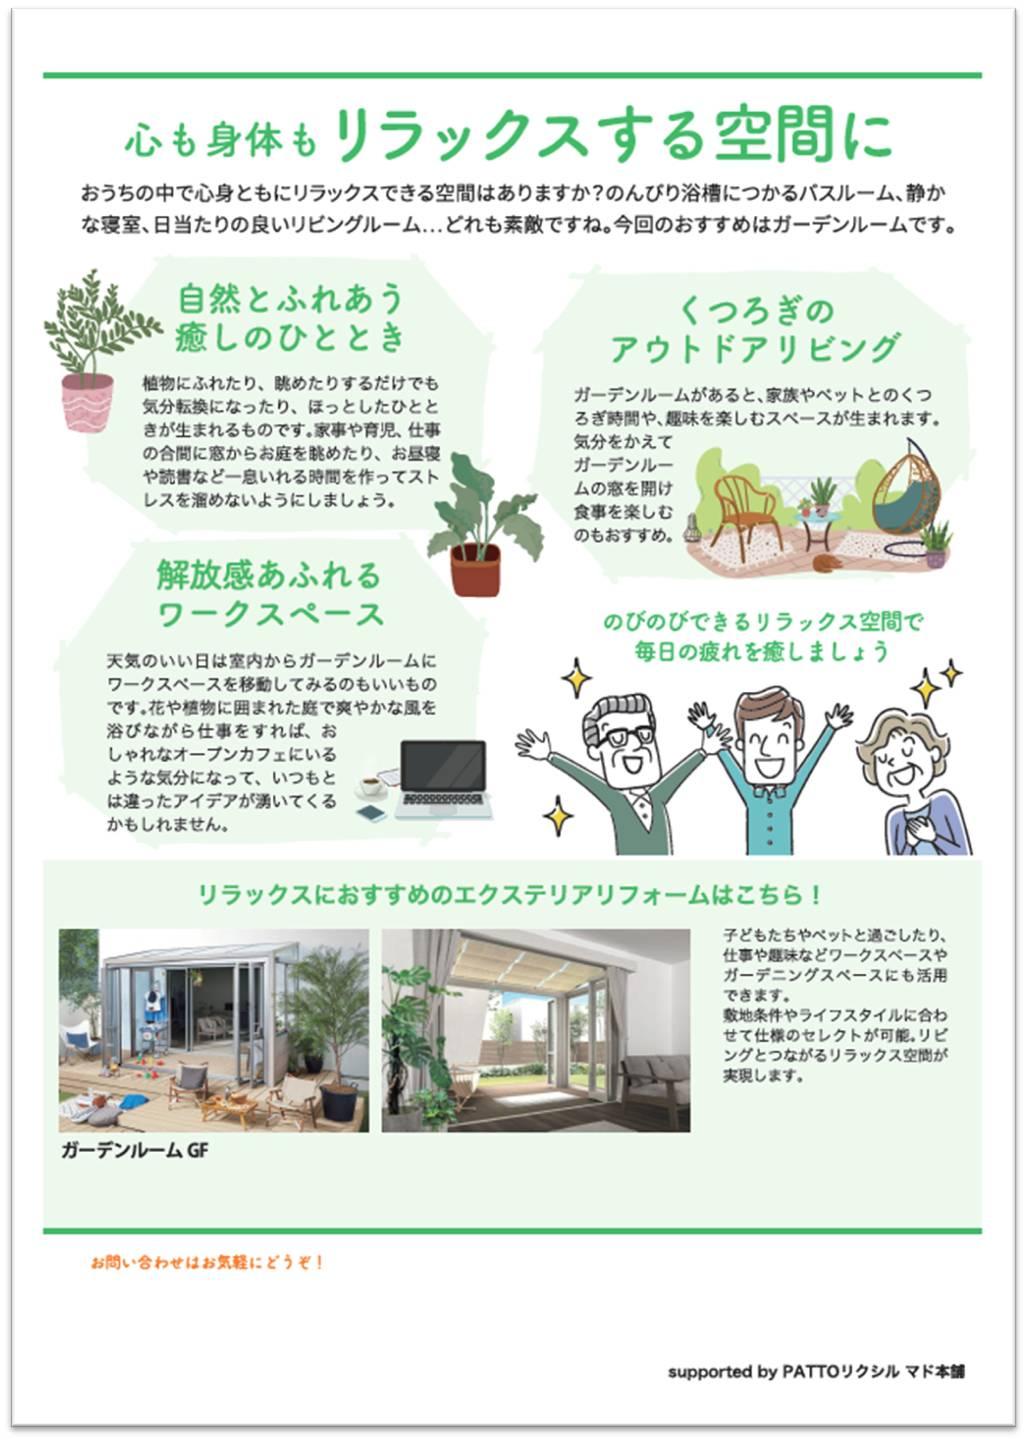 ☆すまいの健康・快適だより☆ 4月 おさだガラスのイベントキャンペーン 写真2